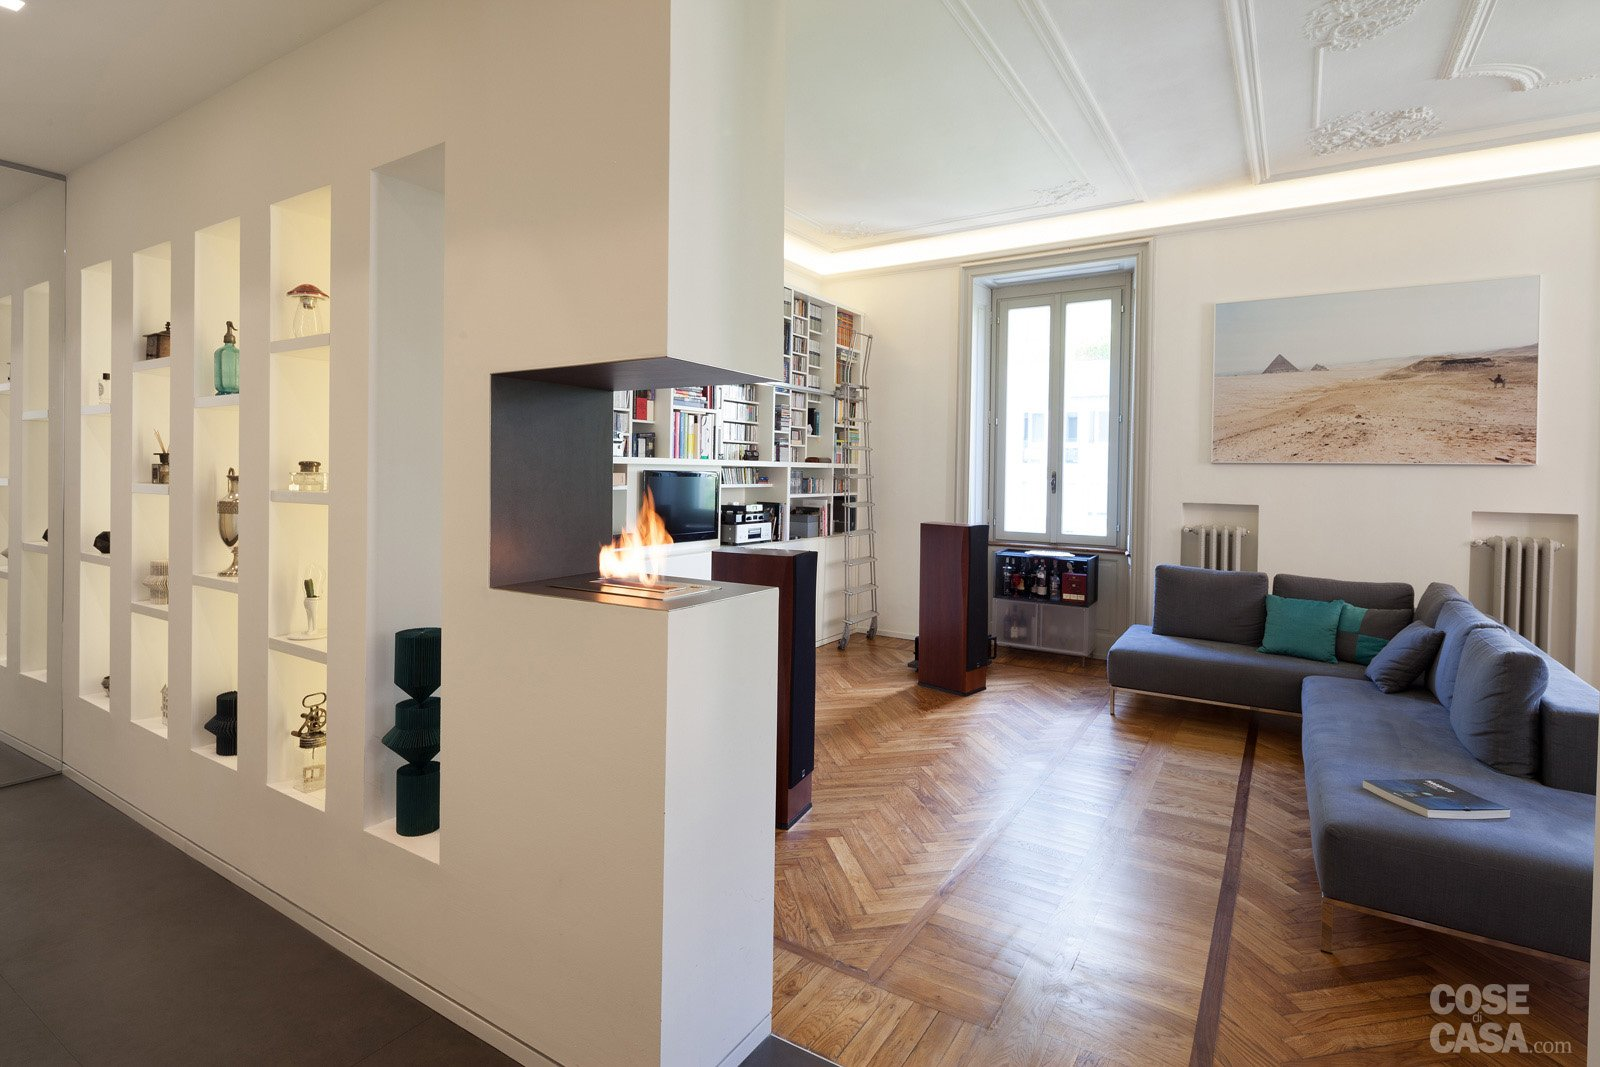 108 mq con nuove divisioni cose di casa - Mobili cucina genova ...